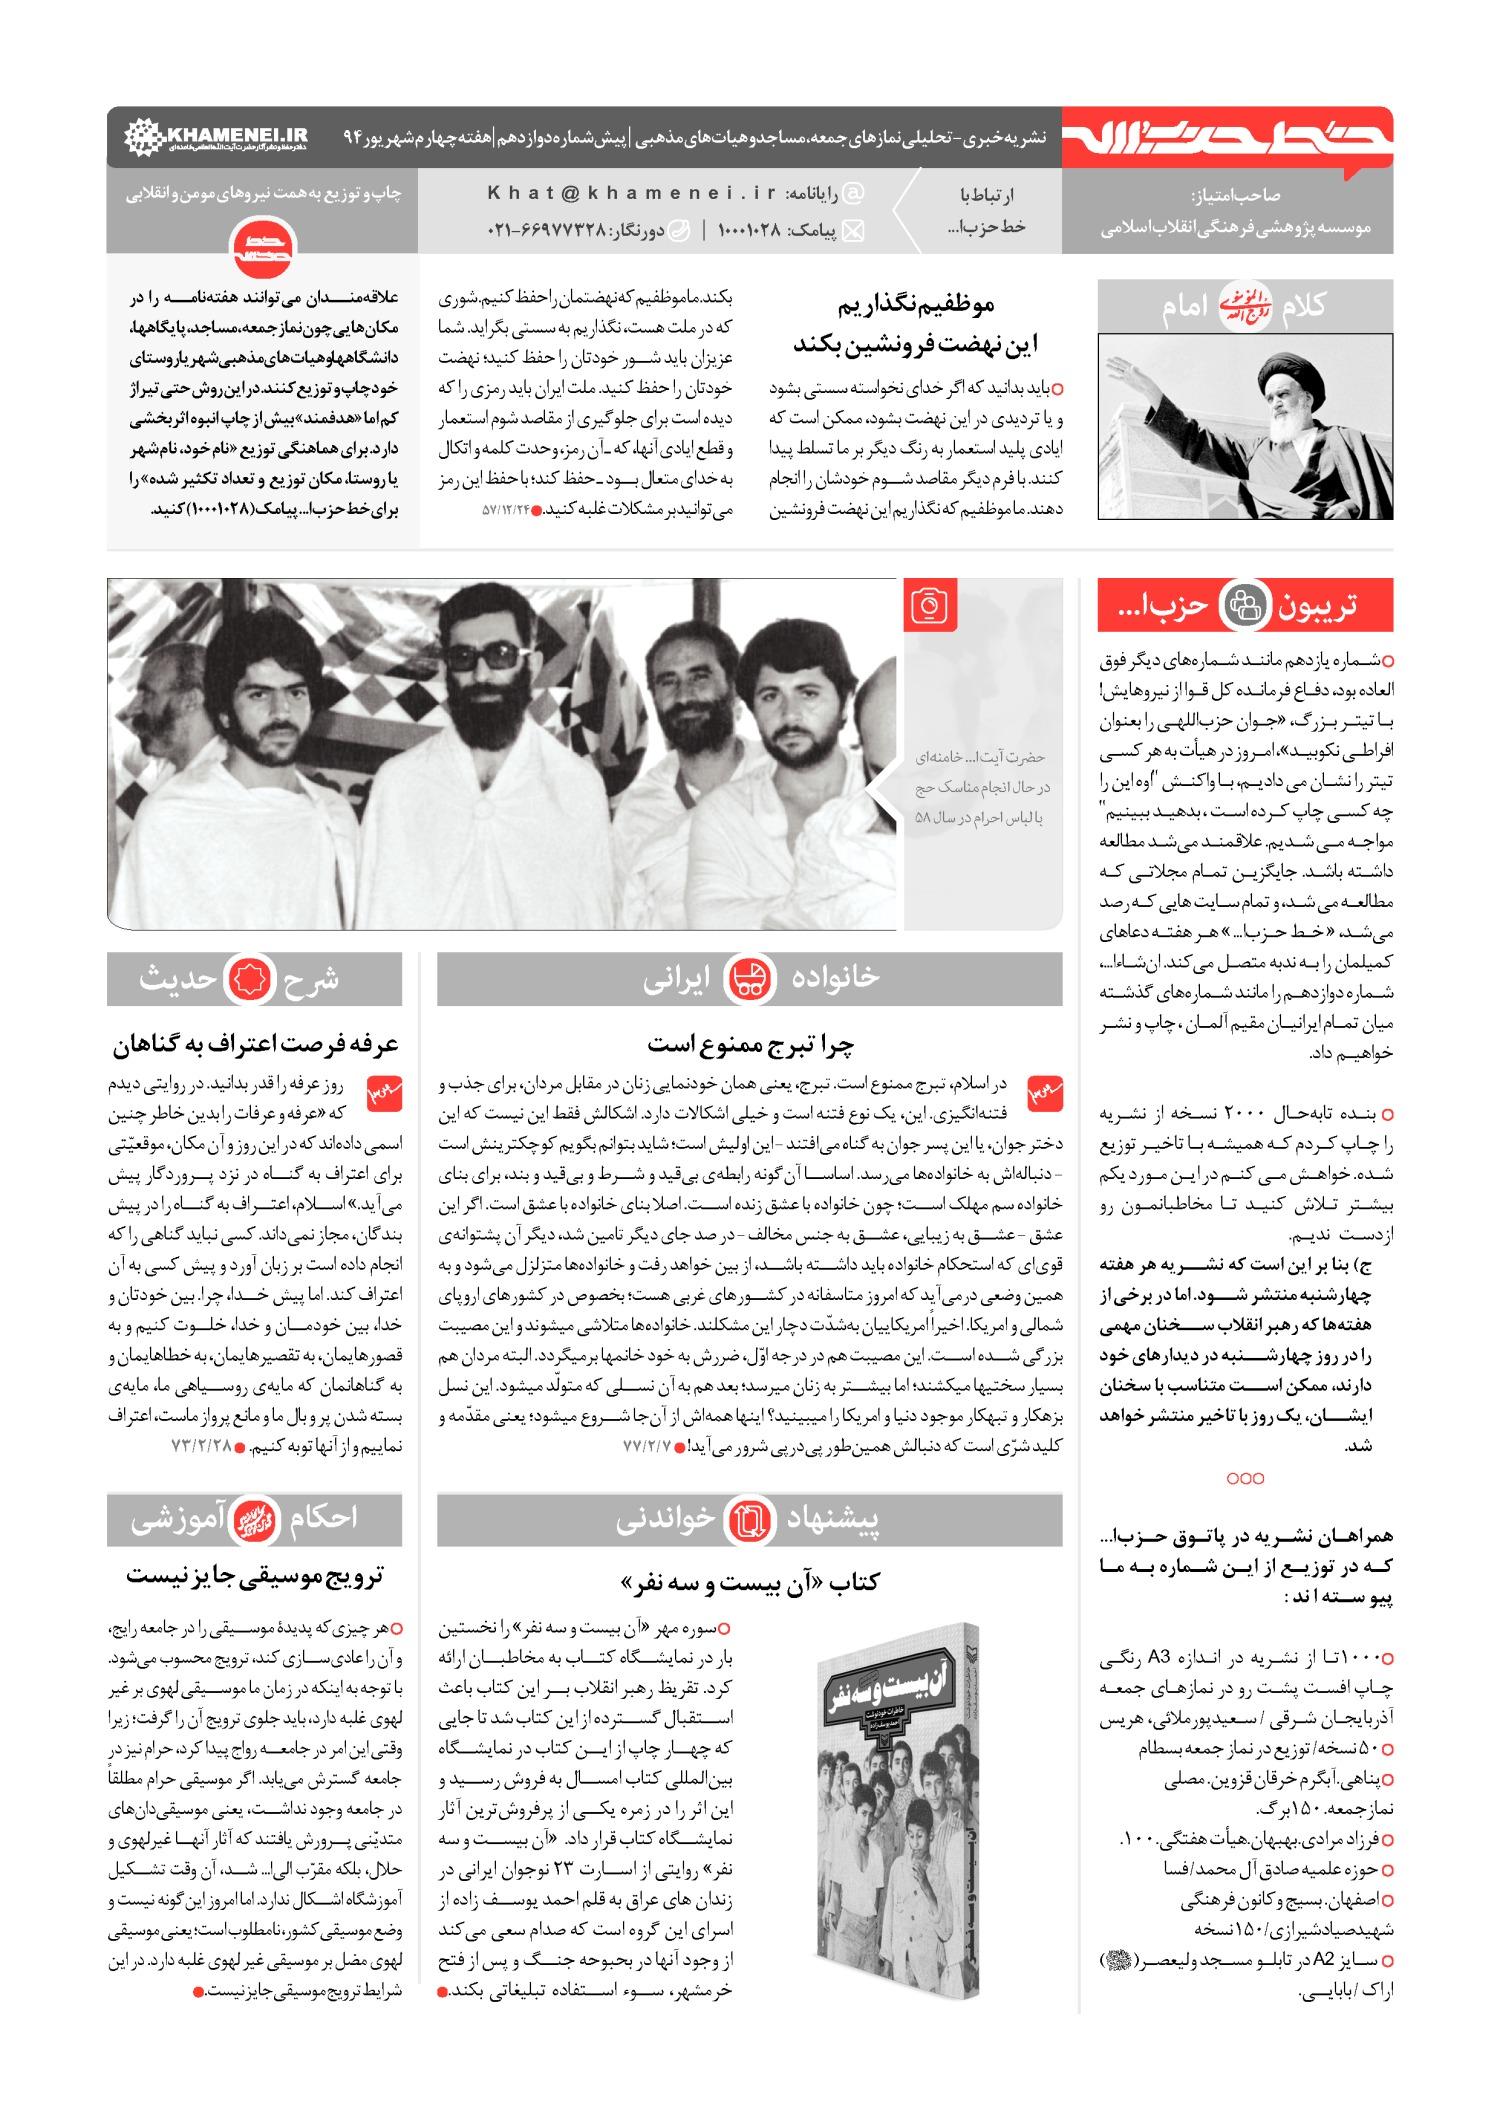 خط حزب الله -شماره پنجم خط حزب الله -پیش شماره دوازدهم page large 46